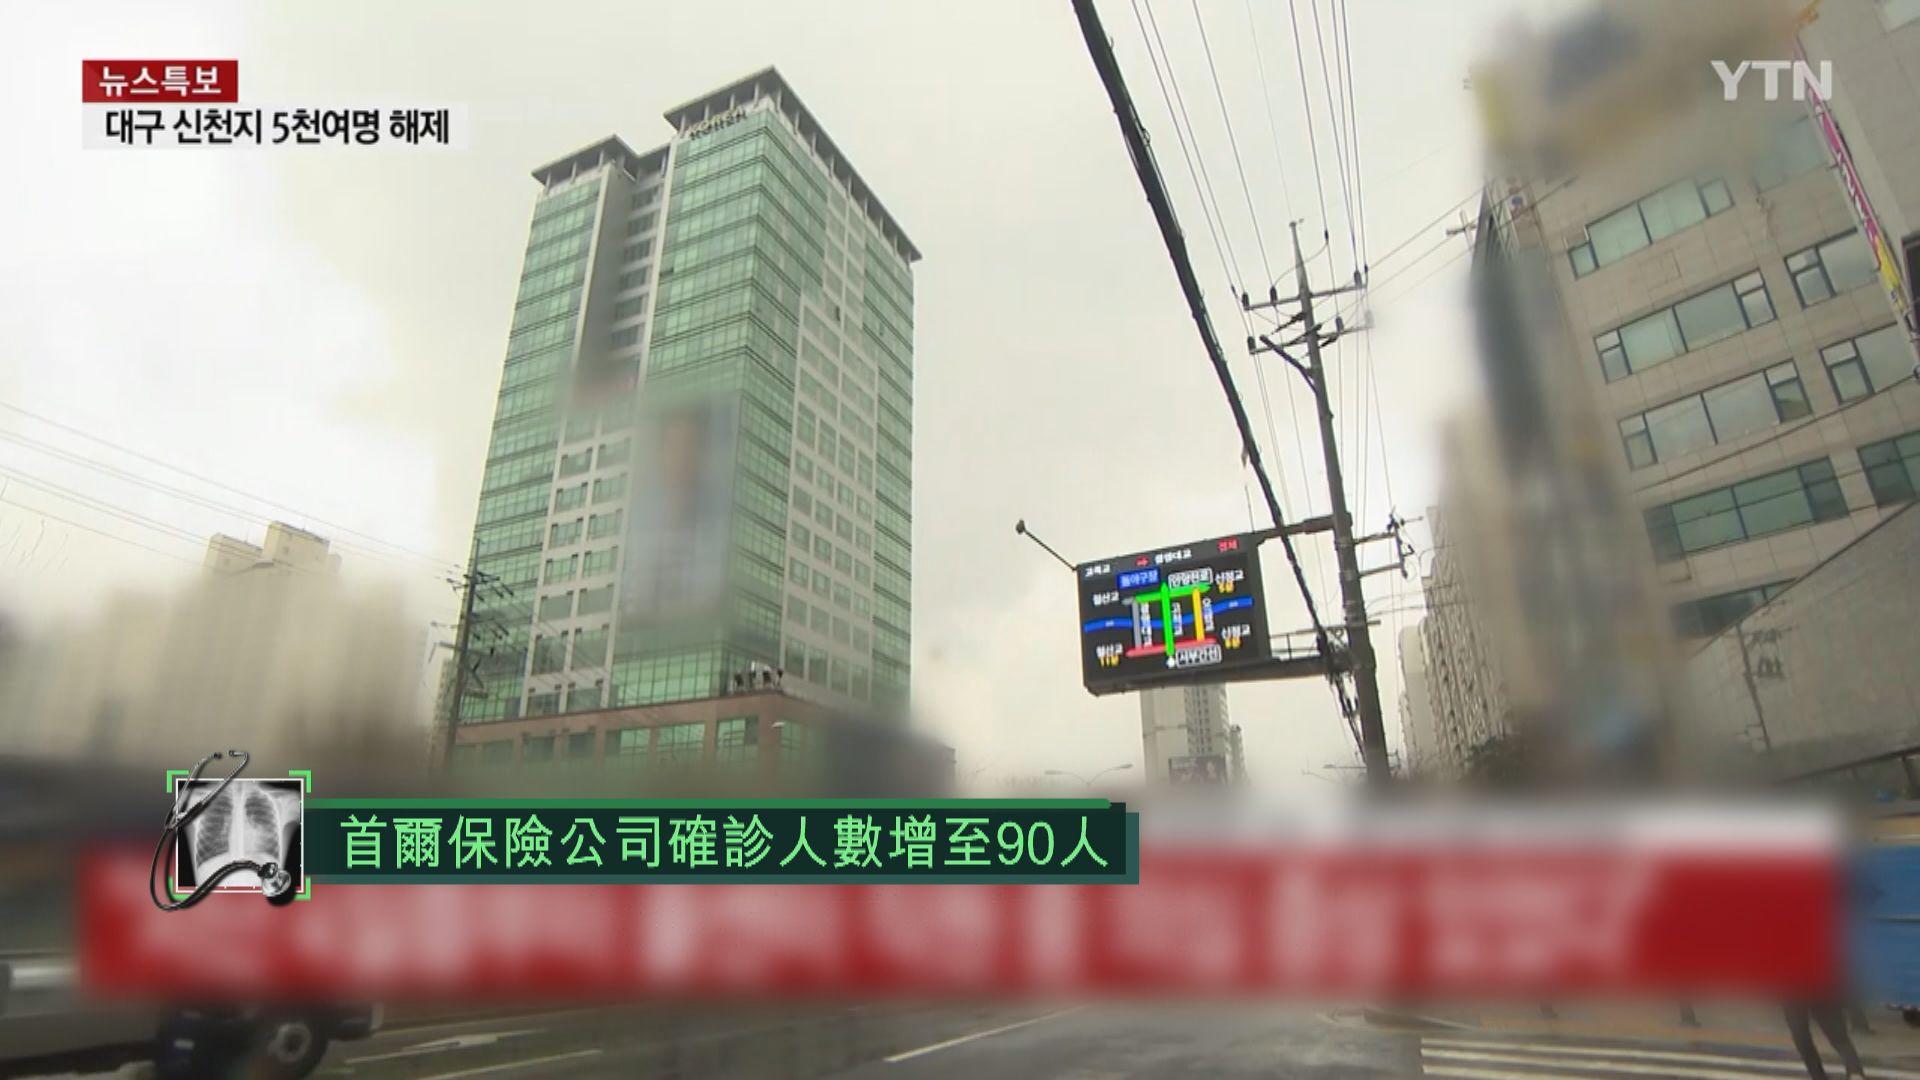 【確診逾7700宗】南韓首爾保險公司增至90人確診